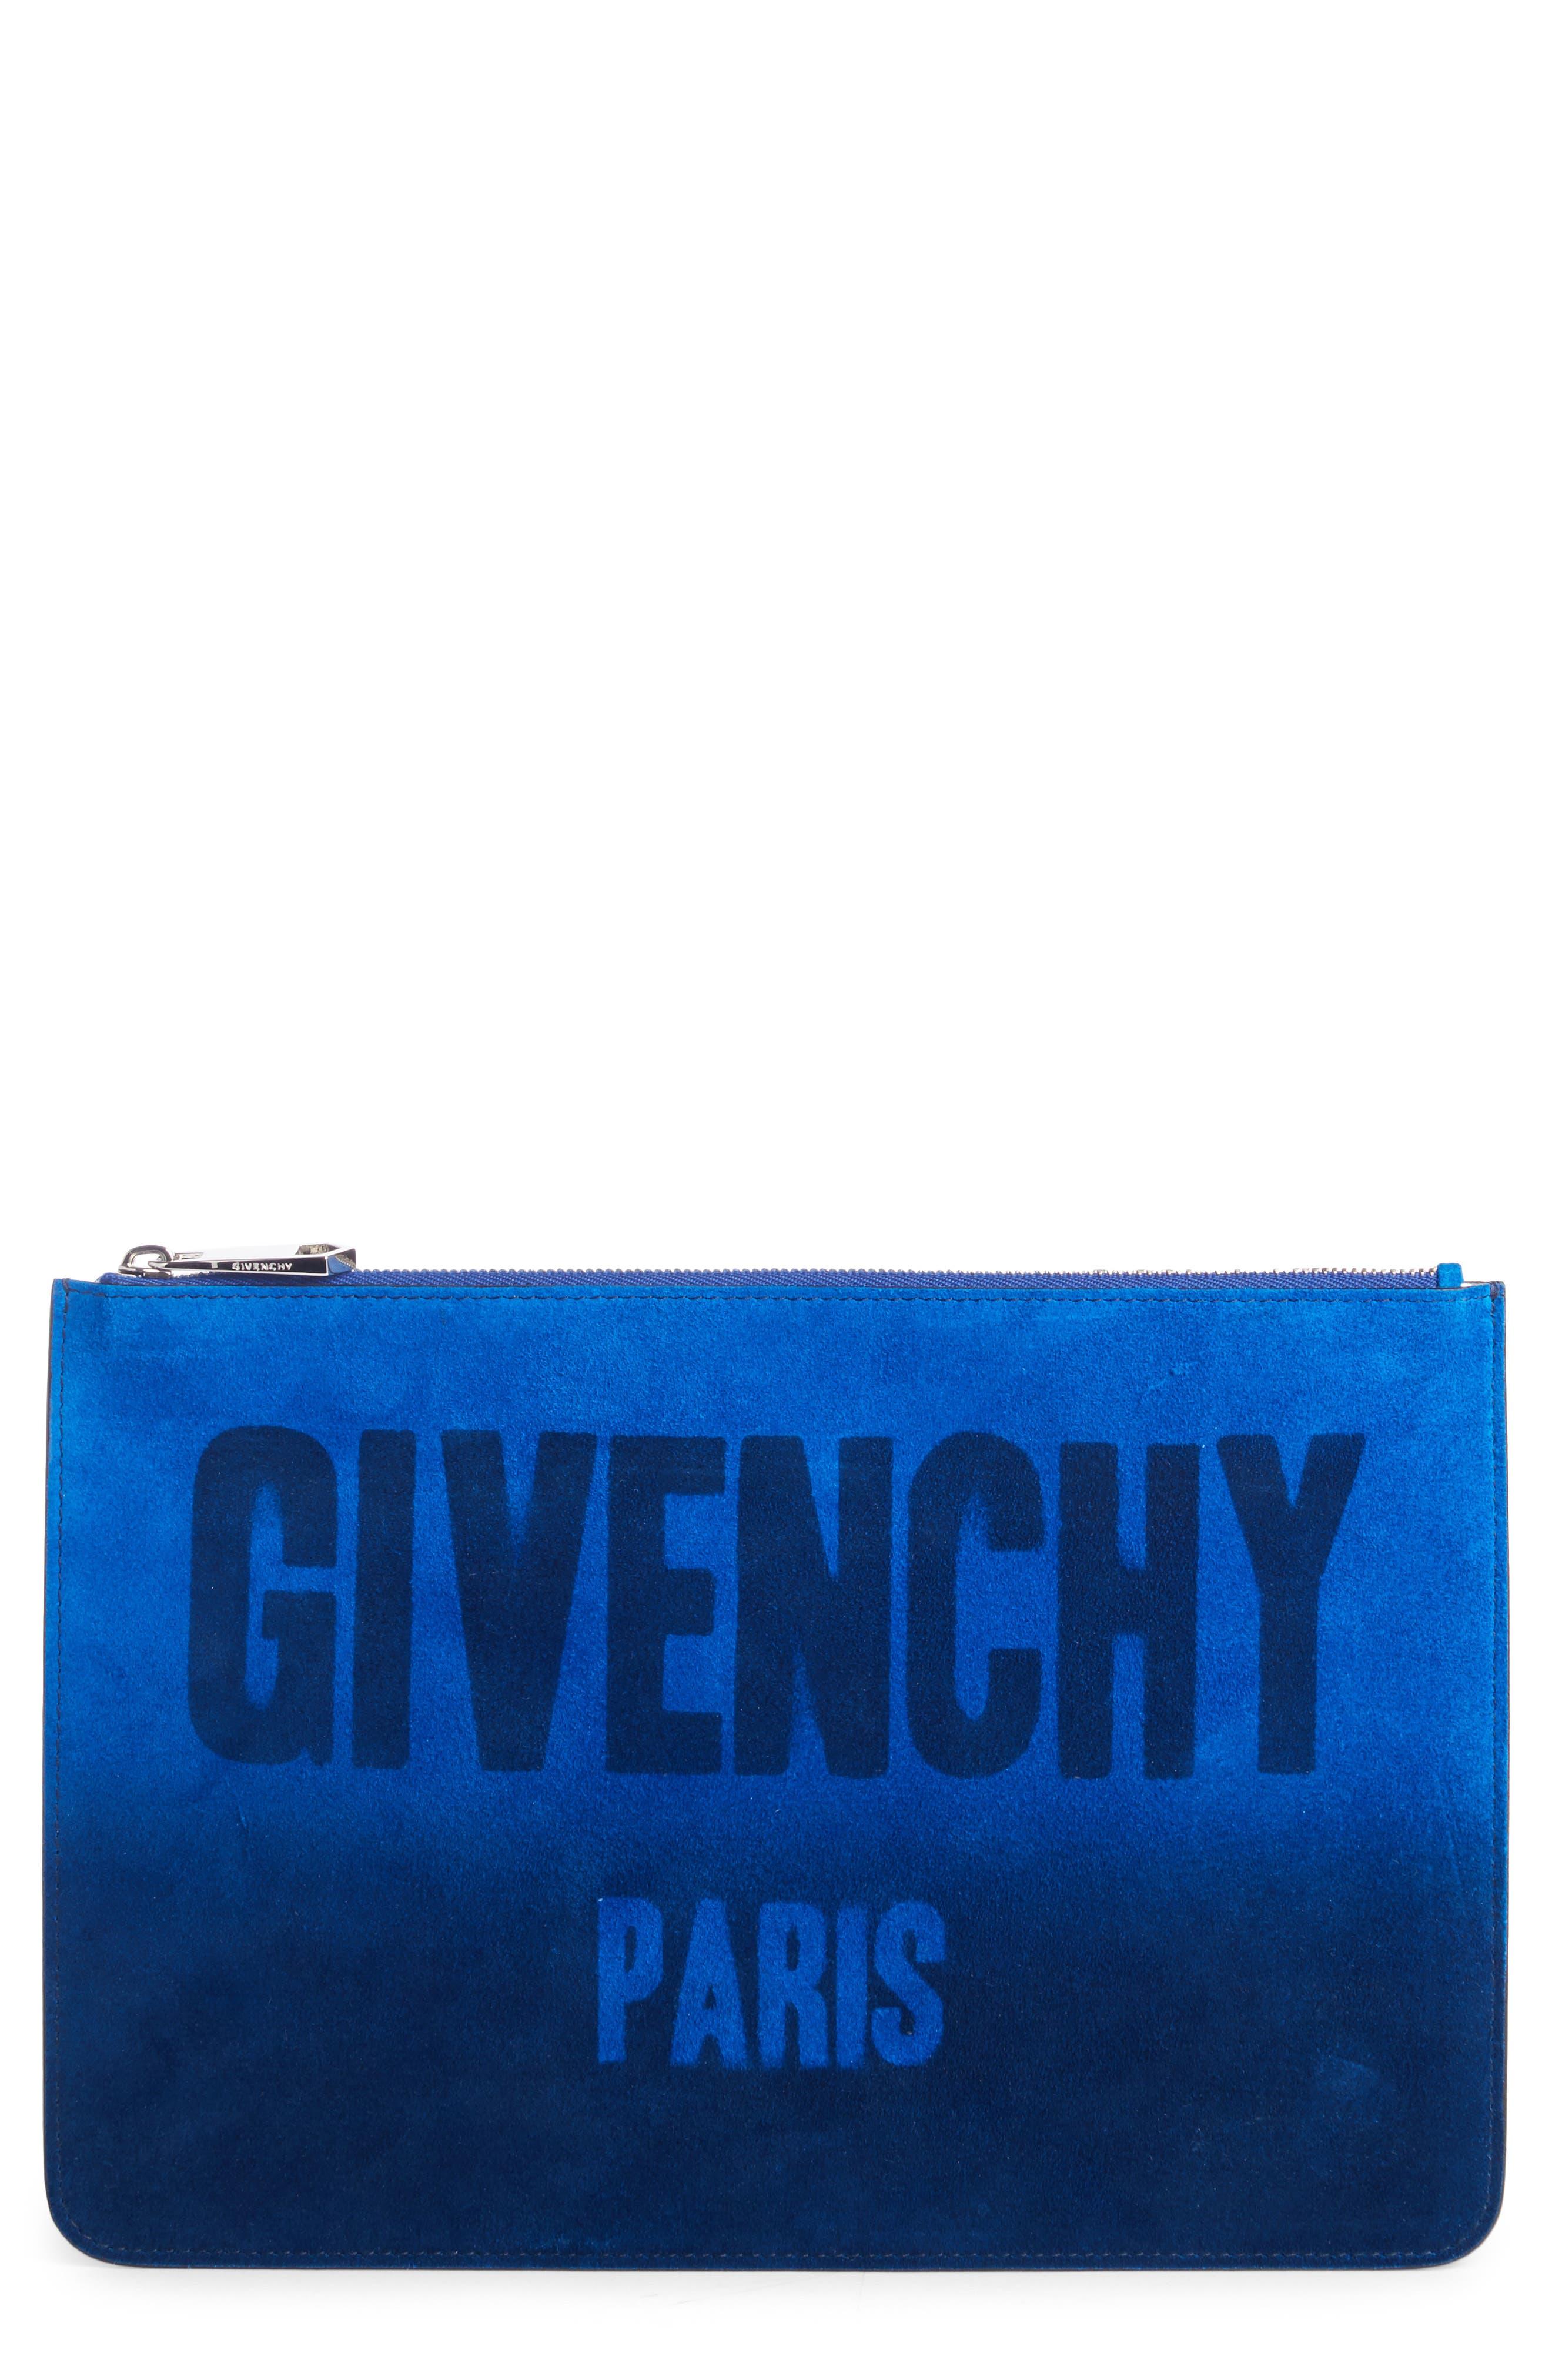 Givenchy Iconic Logo Dégradé Suede Pouch